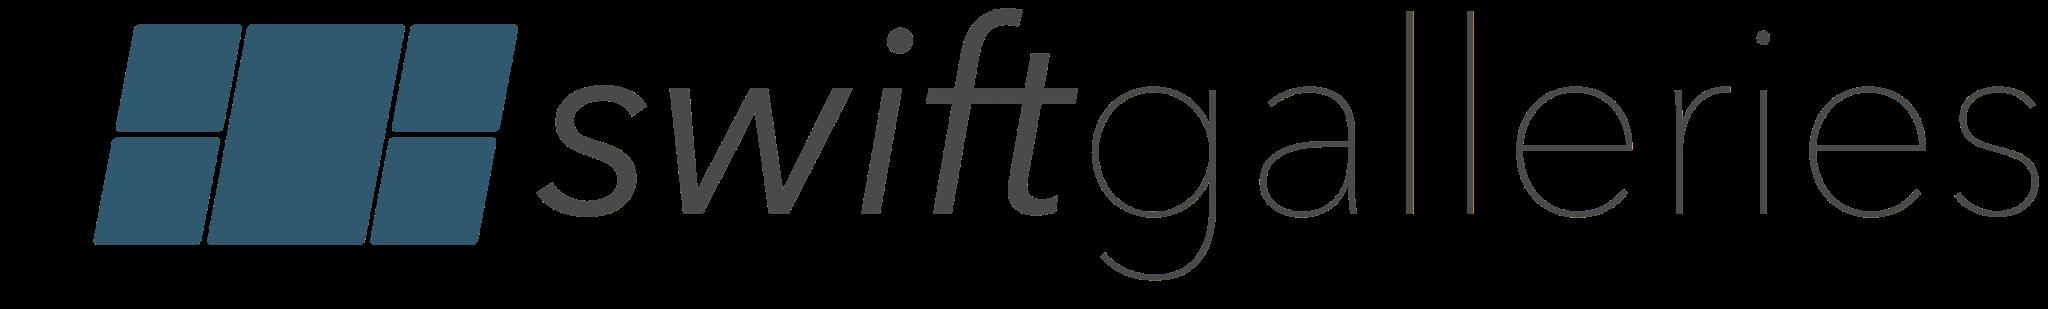 Swift Galleries Logo